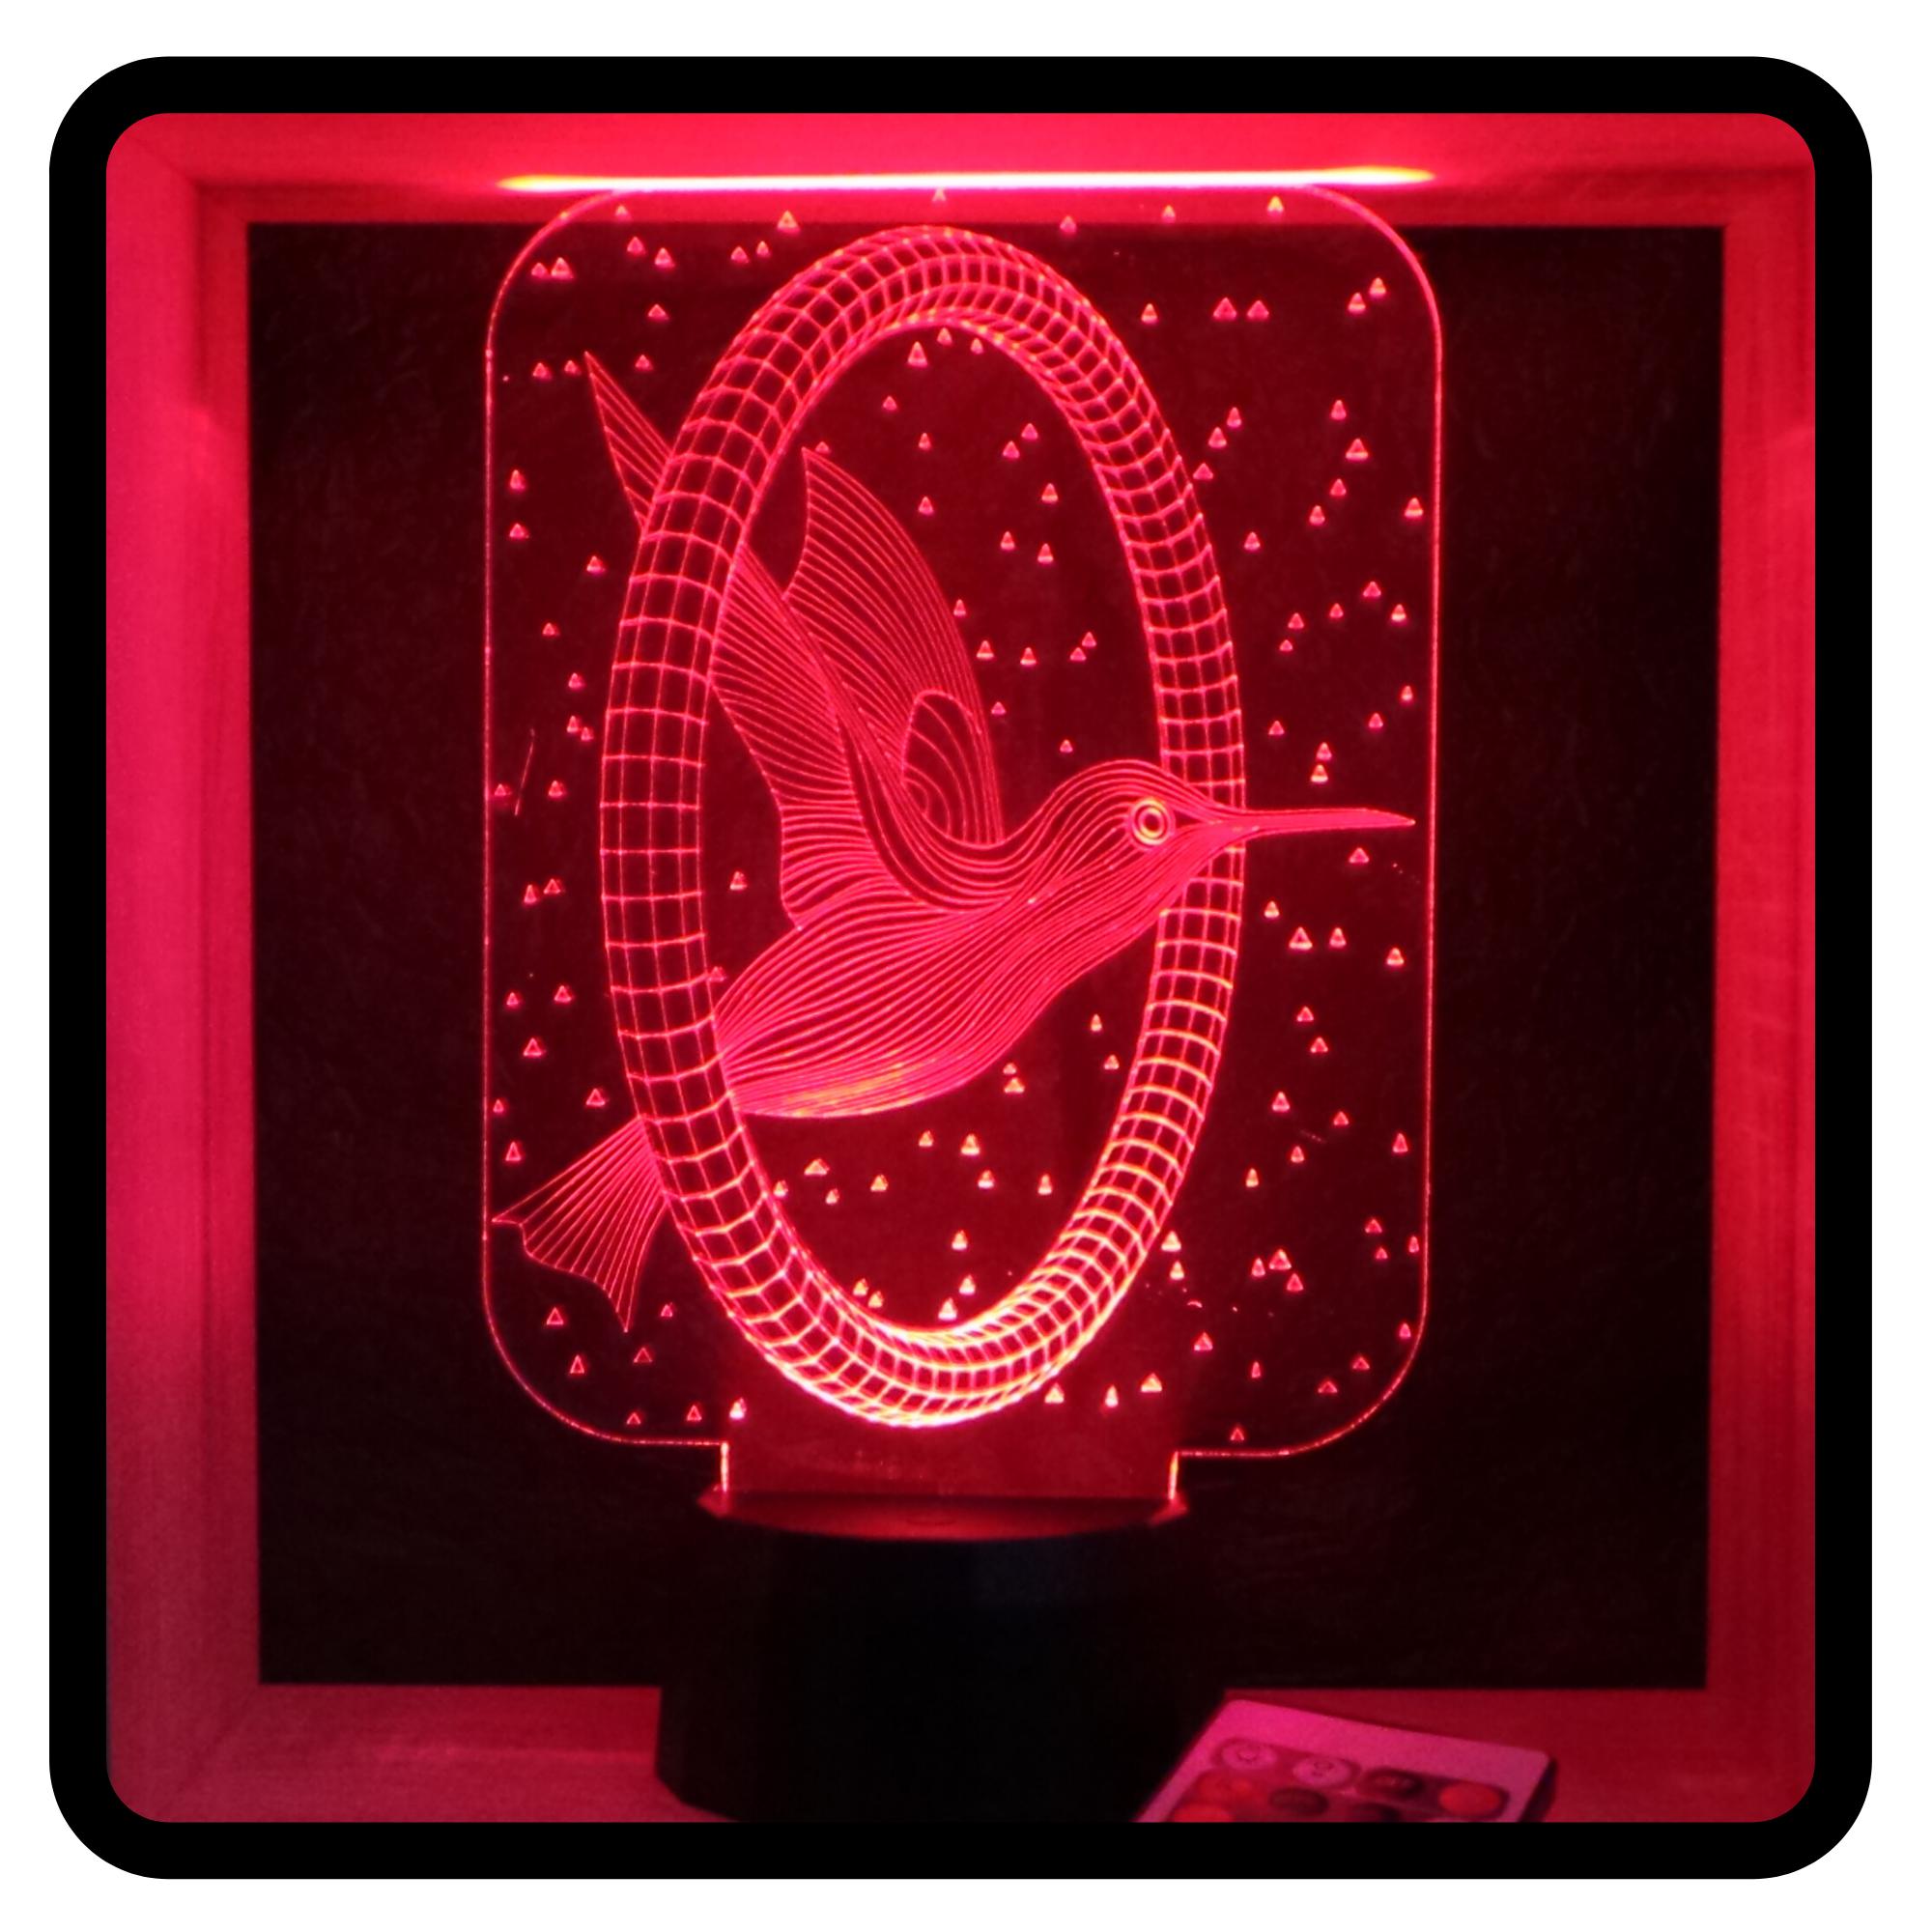 kolibri mintás 3D illúzió lámpa - love & lights - egyedi ajándékok boltja